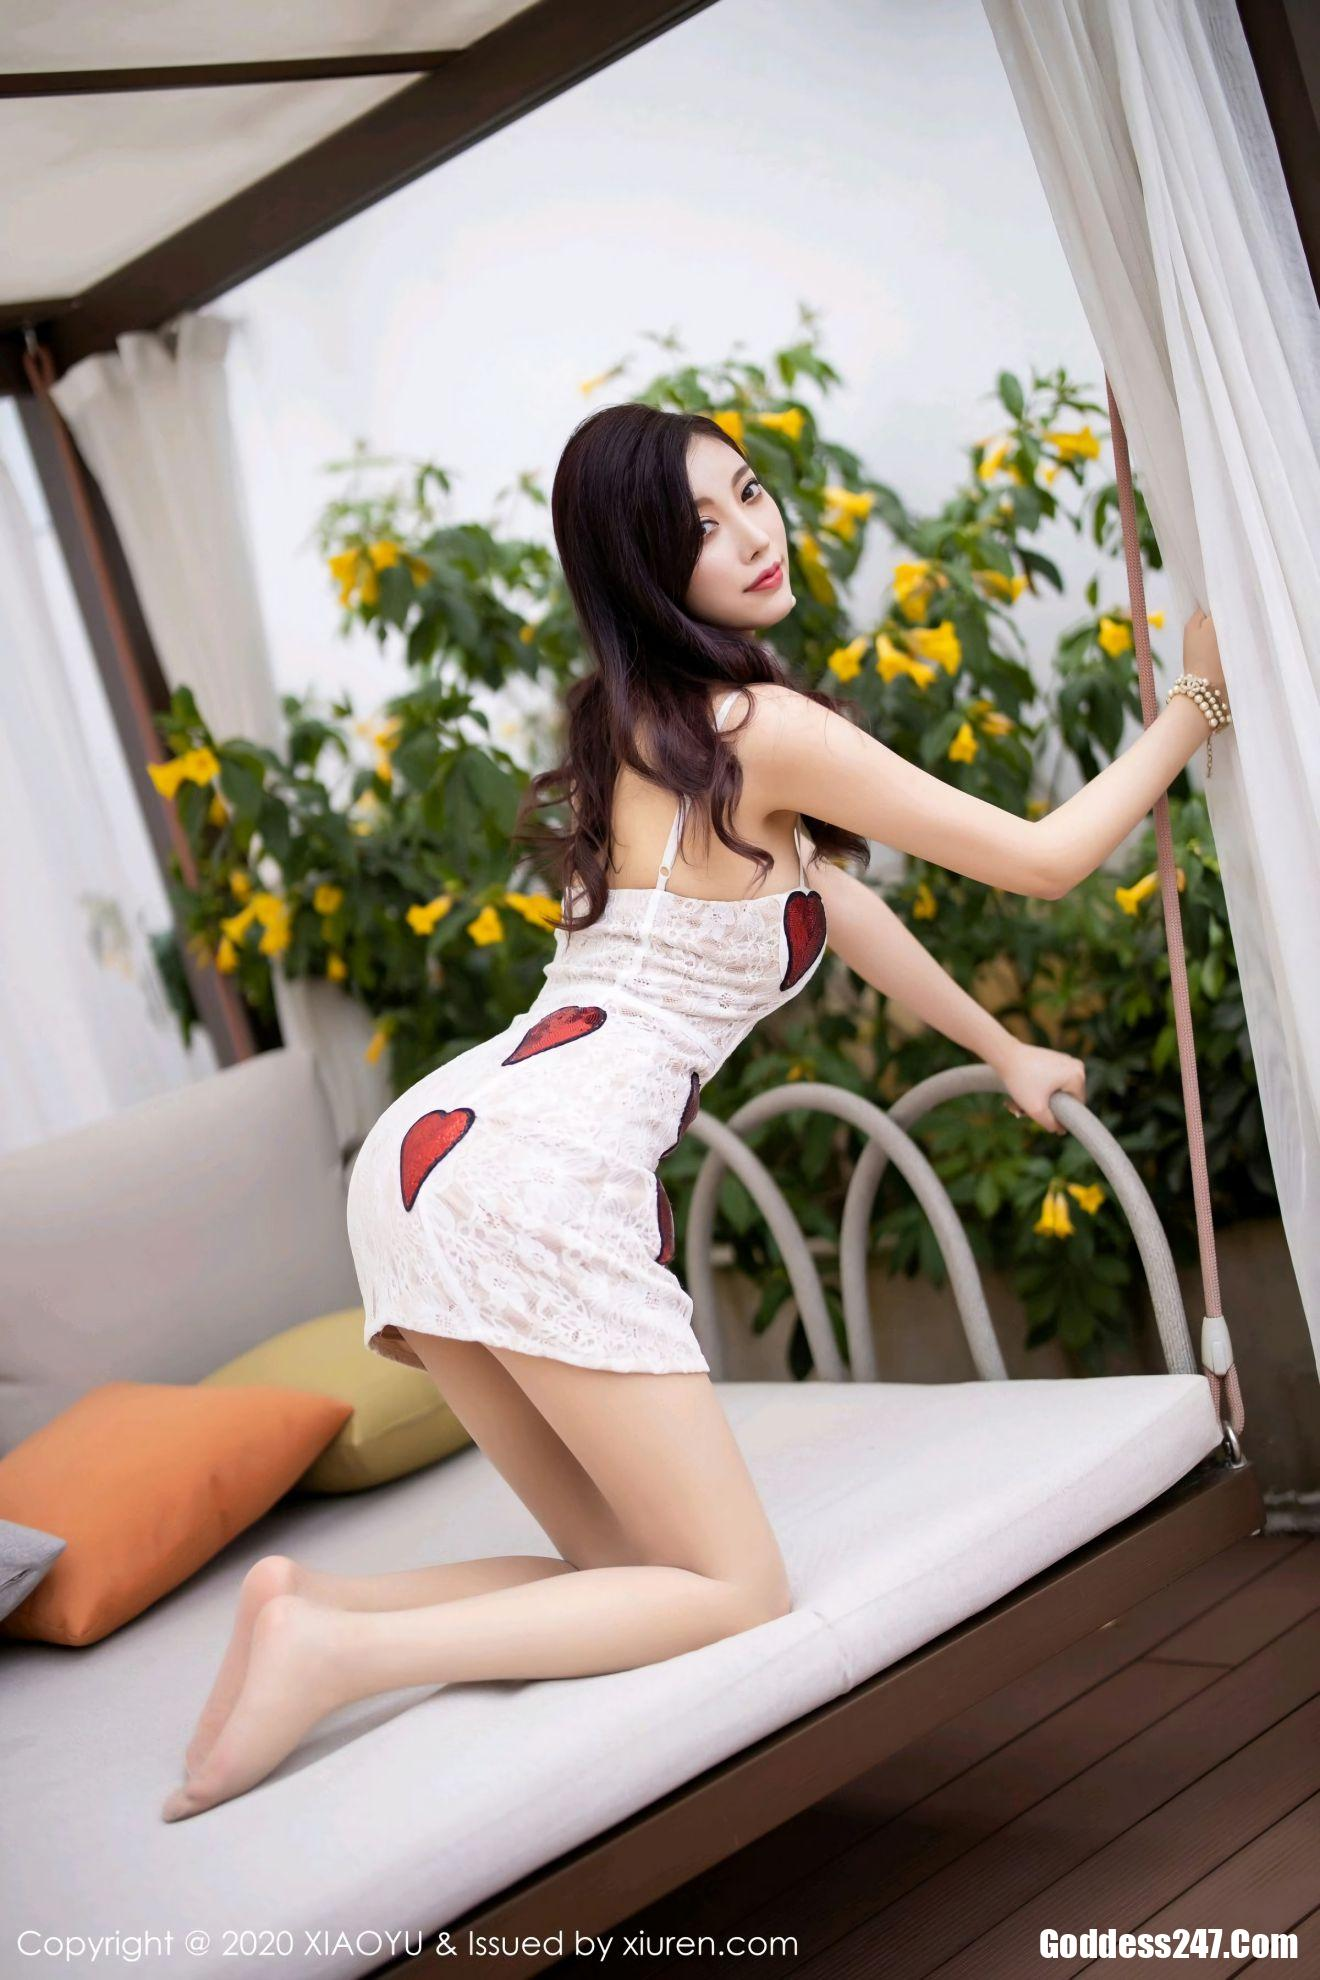 杨晨晨sugar, XiaoYu语画界 Vol.368 杨晨晨sugar, XiaoYu语画界 Vol.368